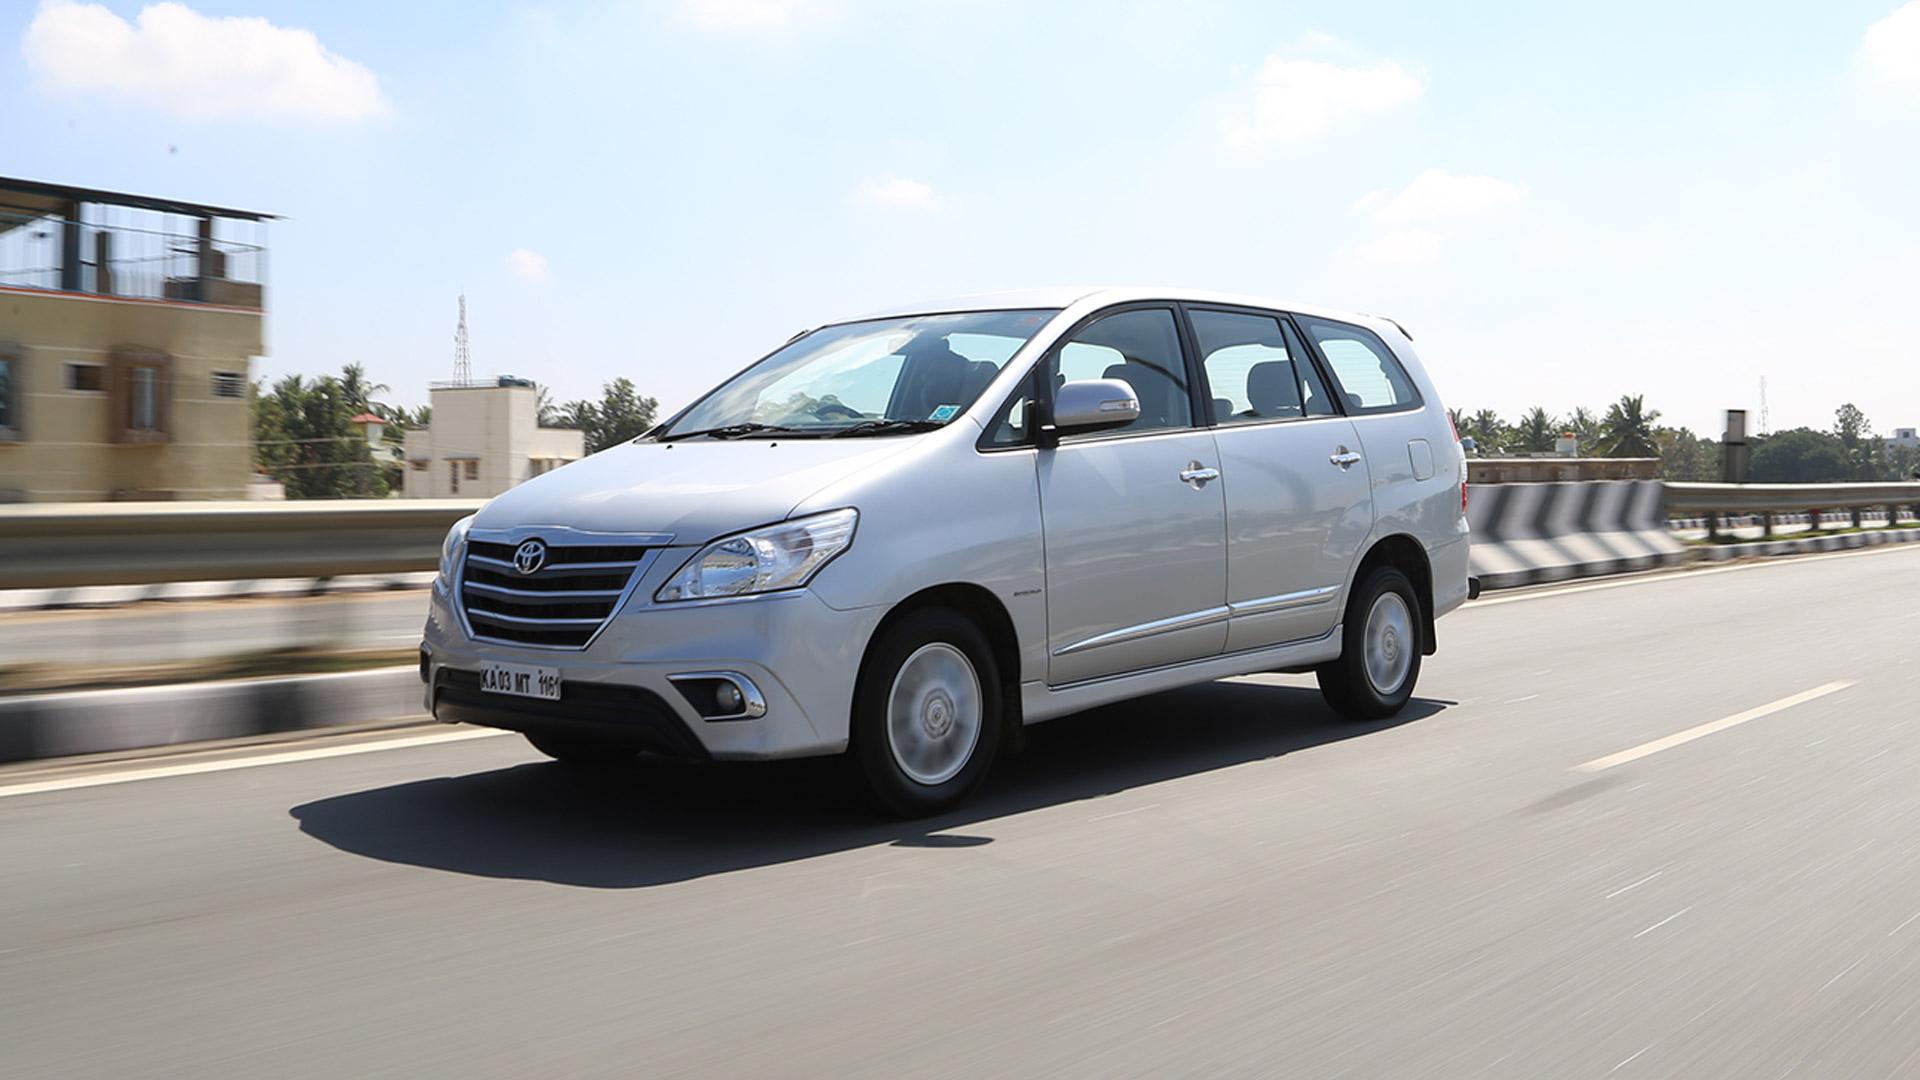 Kelebihan Kekurangan Toyota Innova 2015 Spesifikasi